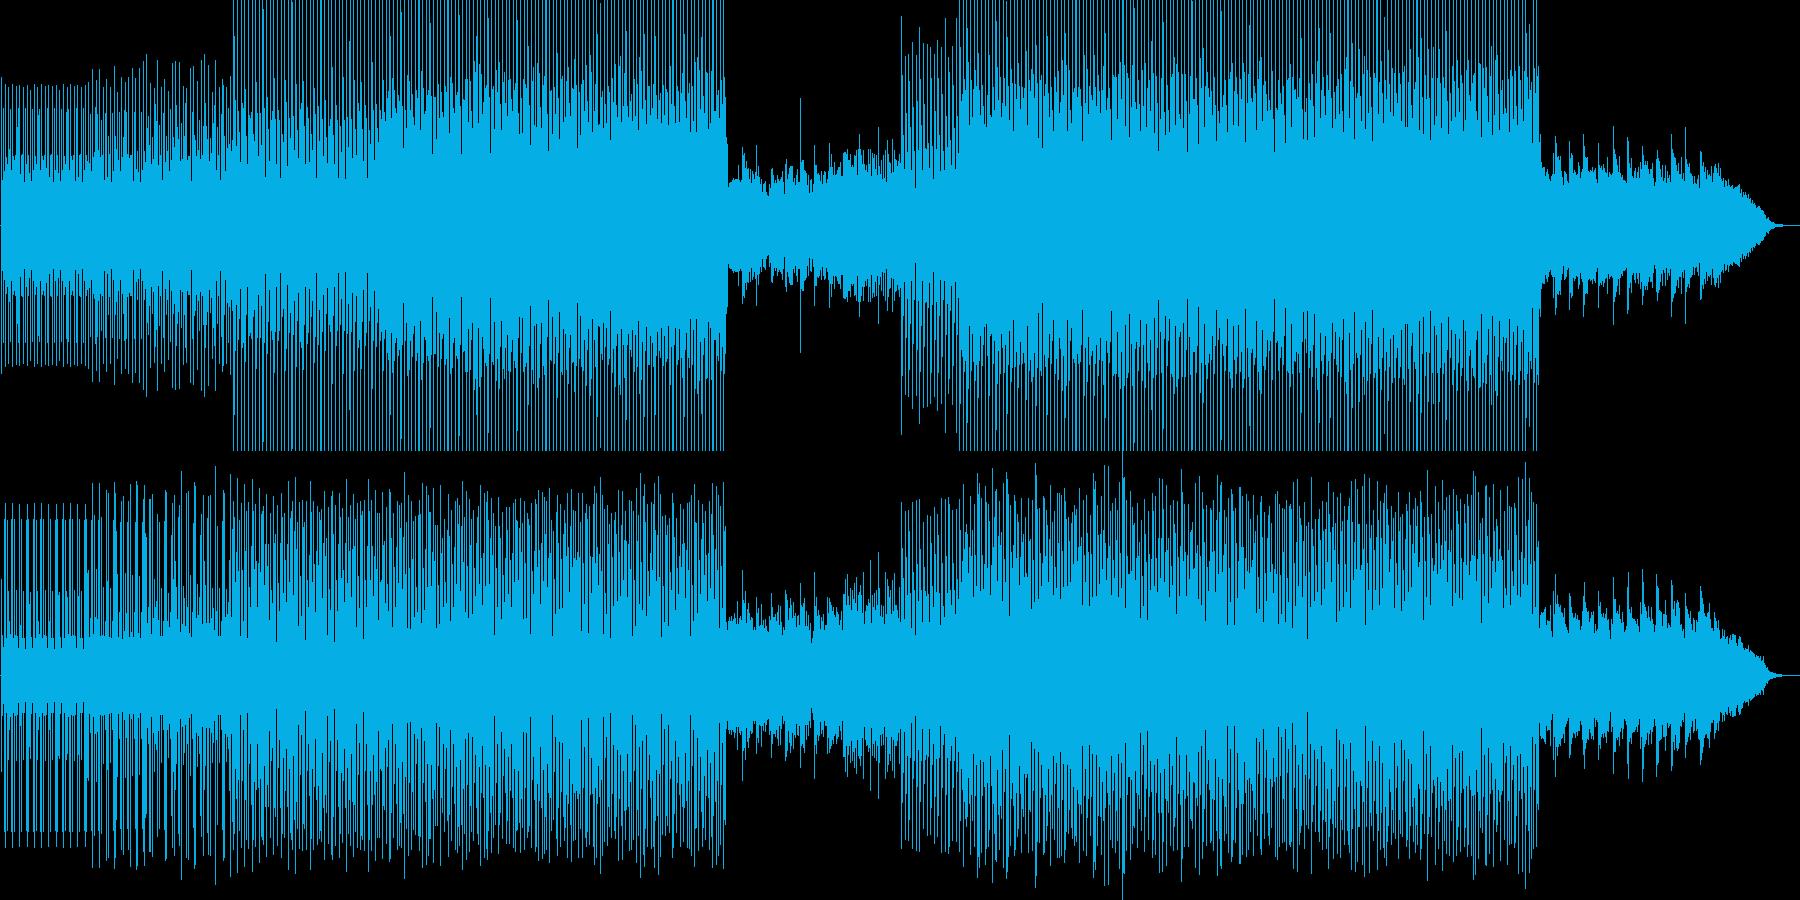 スピード感のあるにぎやかなメロディーの再生済みの波形